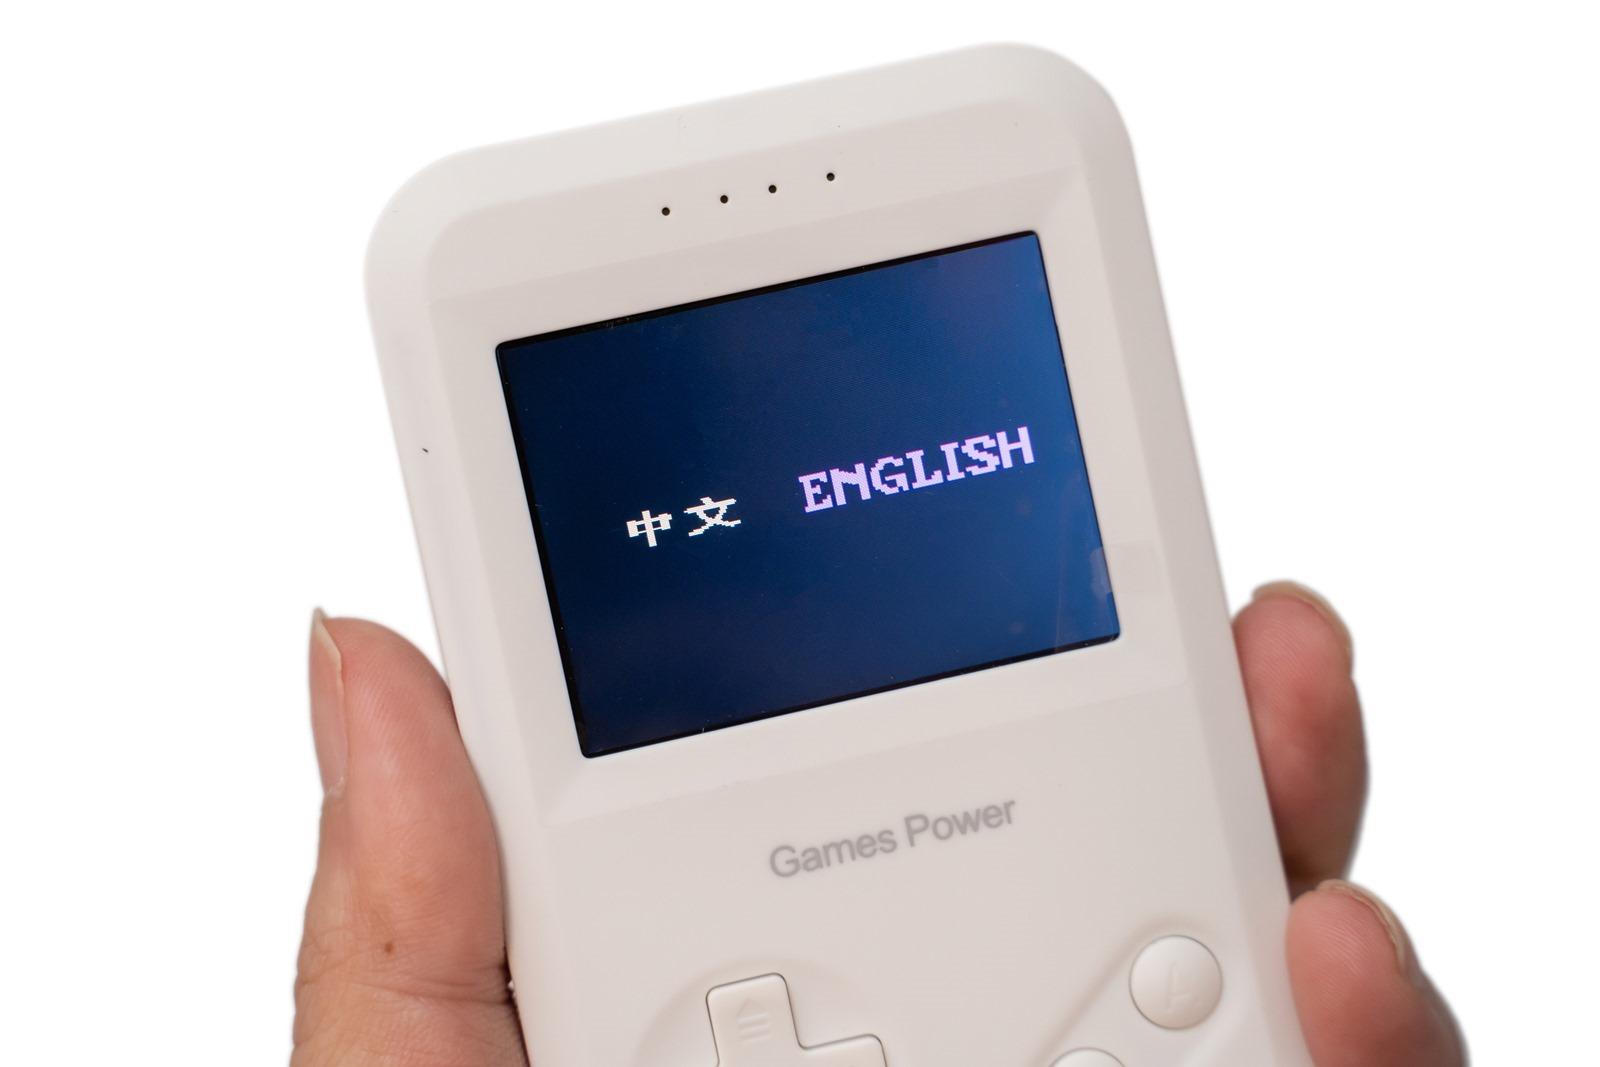 是行動電源還是復古掌上遊戲機?!Games Power 經典遊戲機 8000mAh 開箱! @3C 達人廖阿輝